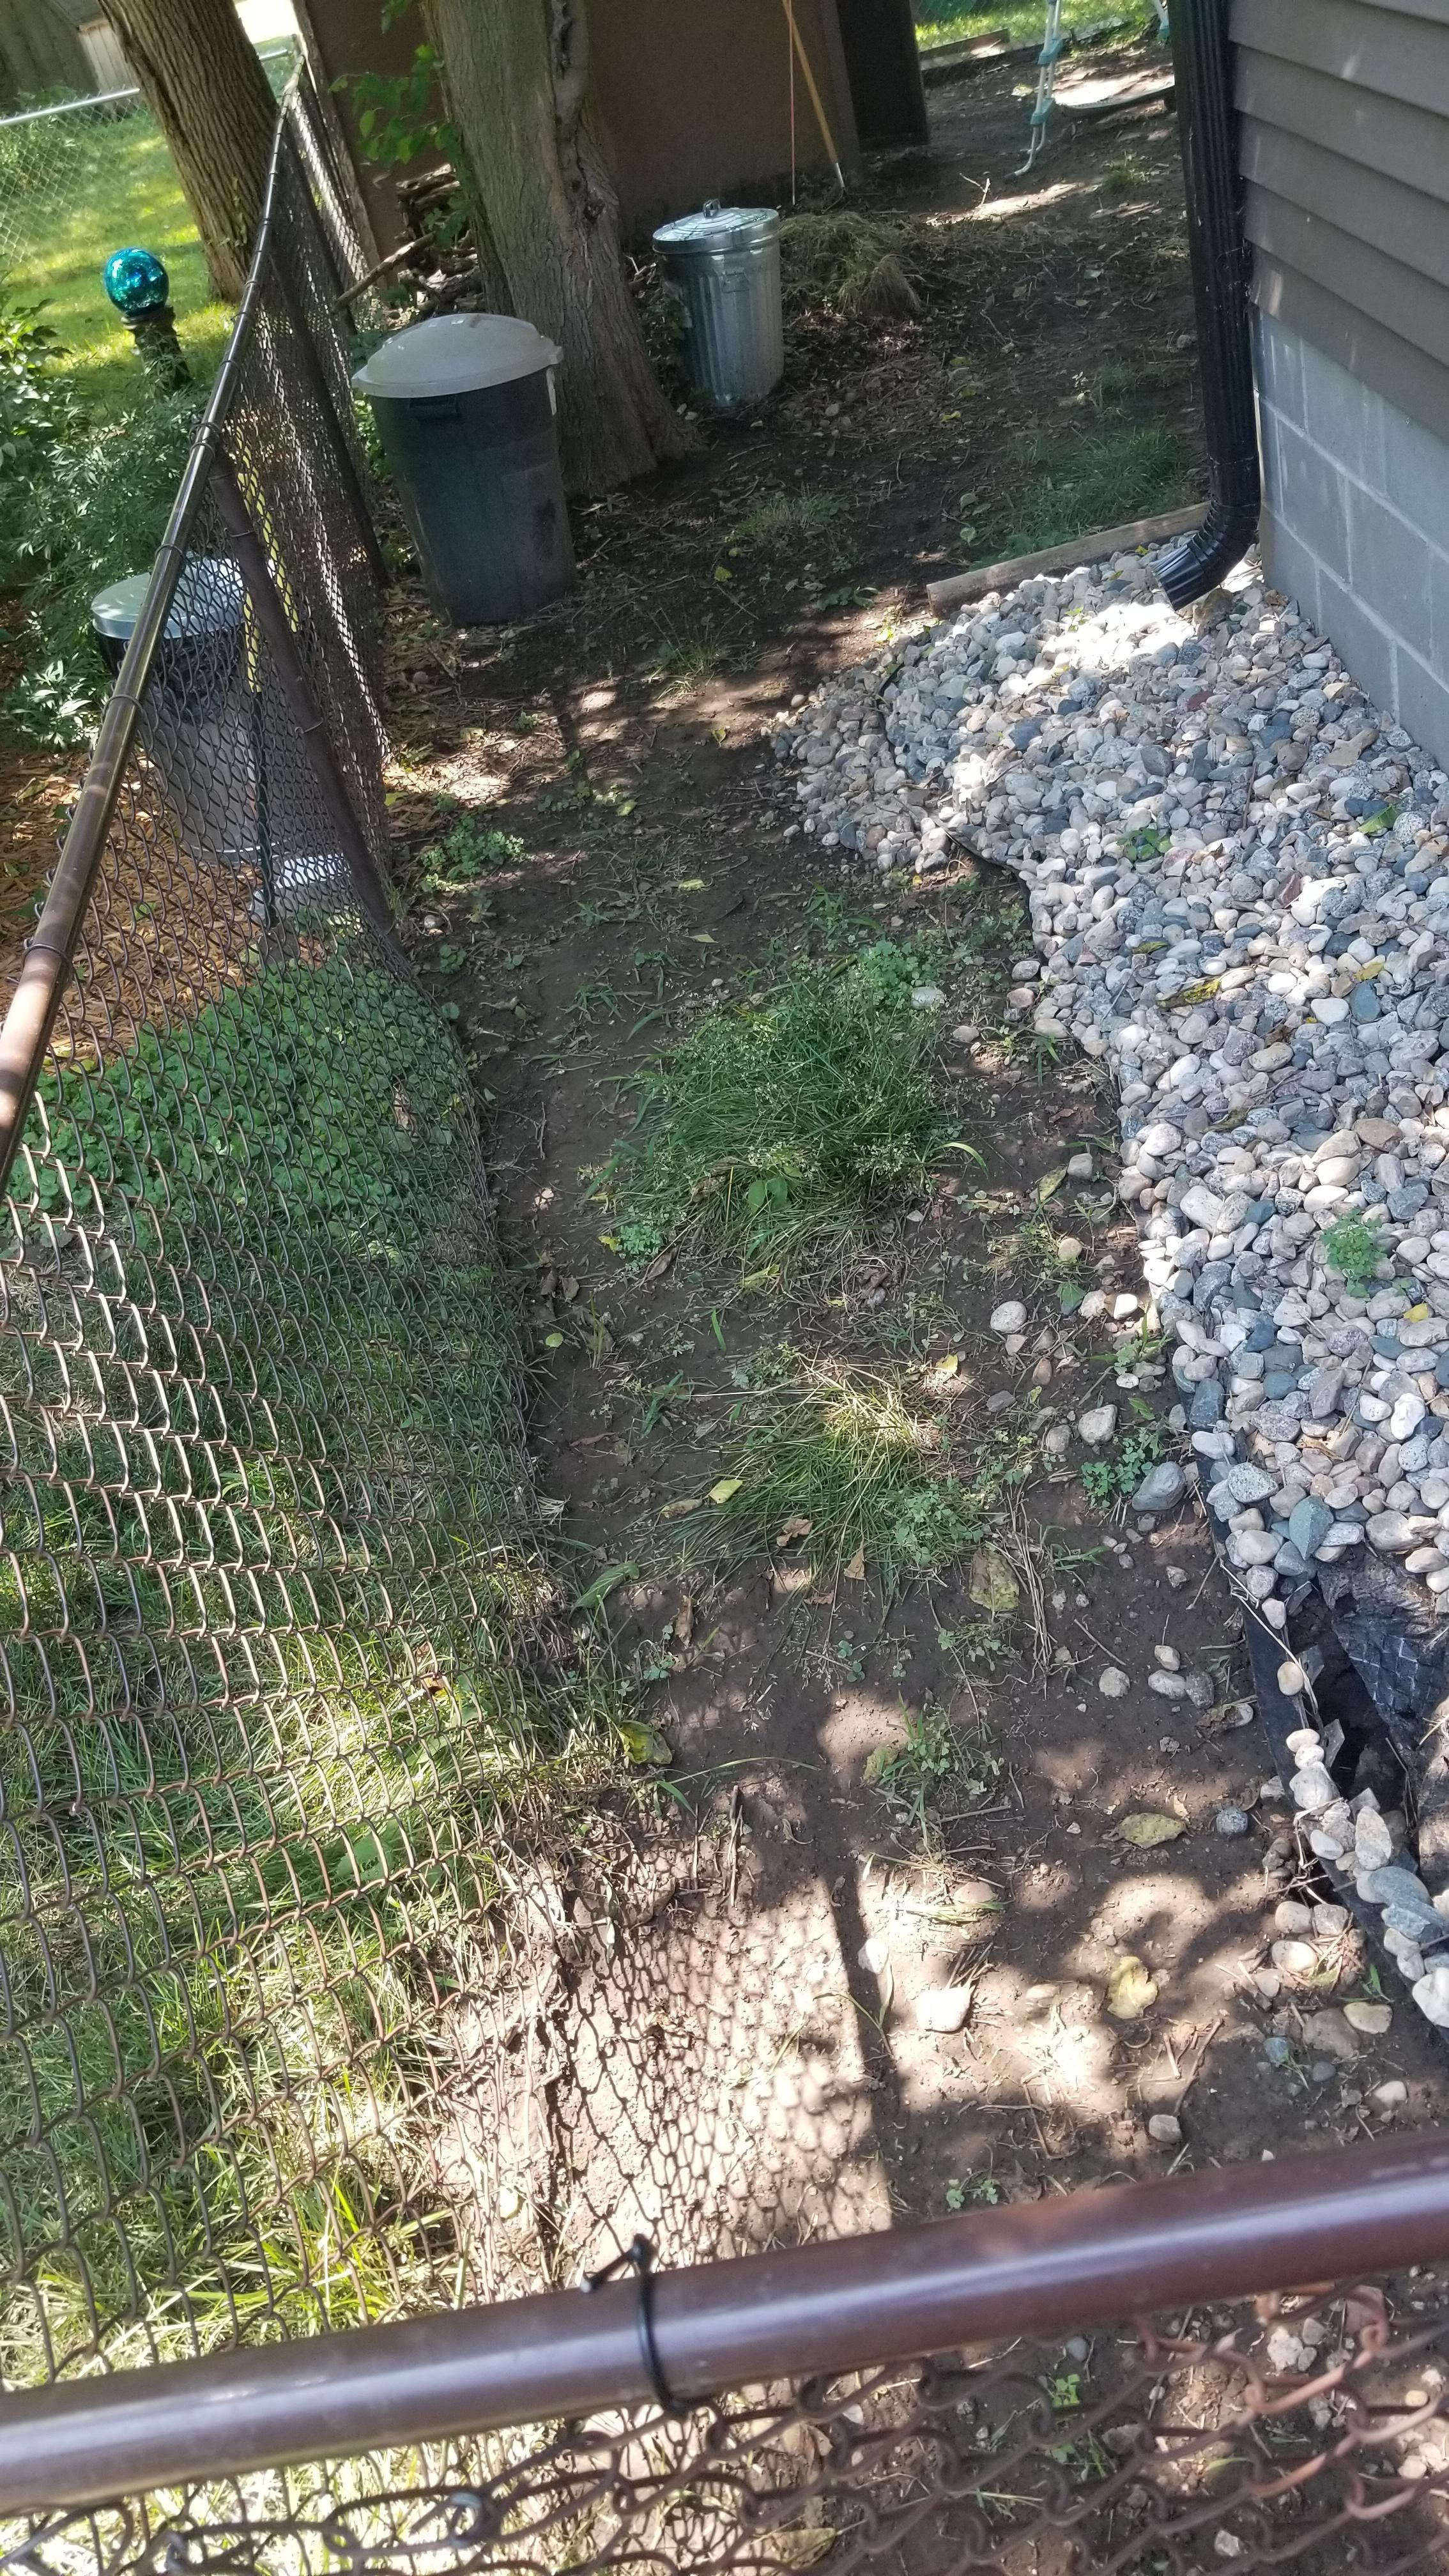 Sinkloch Und Versunkener Boden Vom Langst Verschwundenen Jumbo Baum Auf Der Suche Nach Rat In Bes Boden Sinken Gartenarbeit